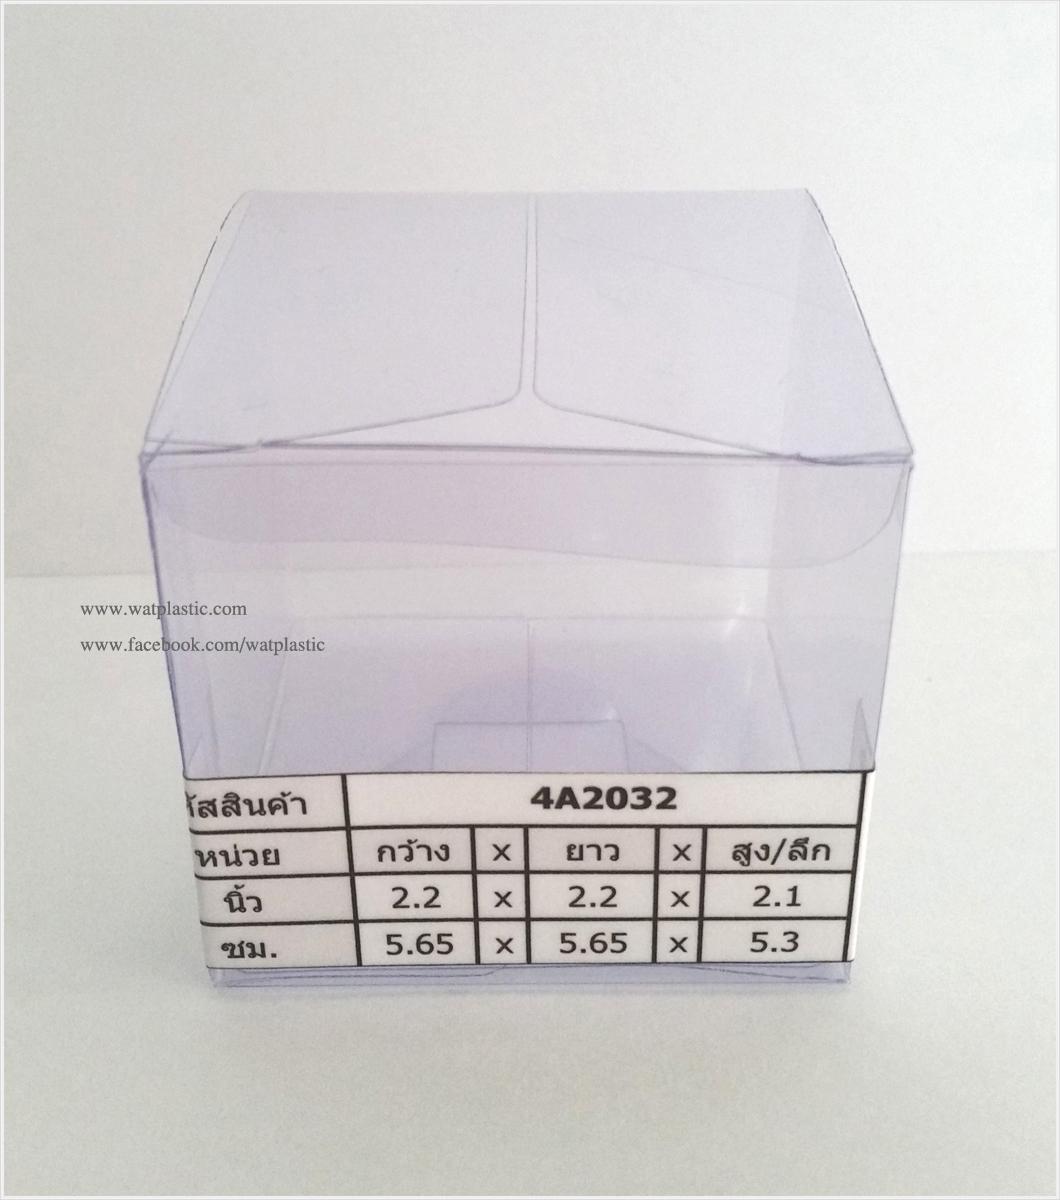 กล่อง ตลับครีม/กระปุกครีม ขนาด 5.65 x 5.65 x 5.3 cm